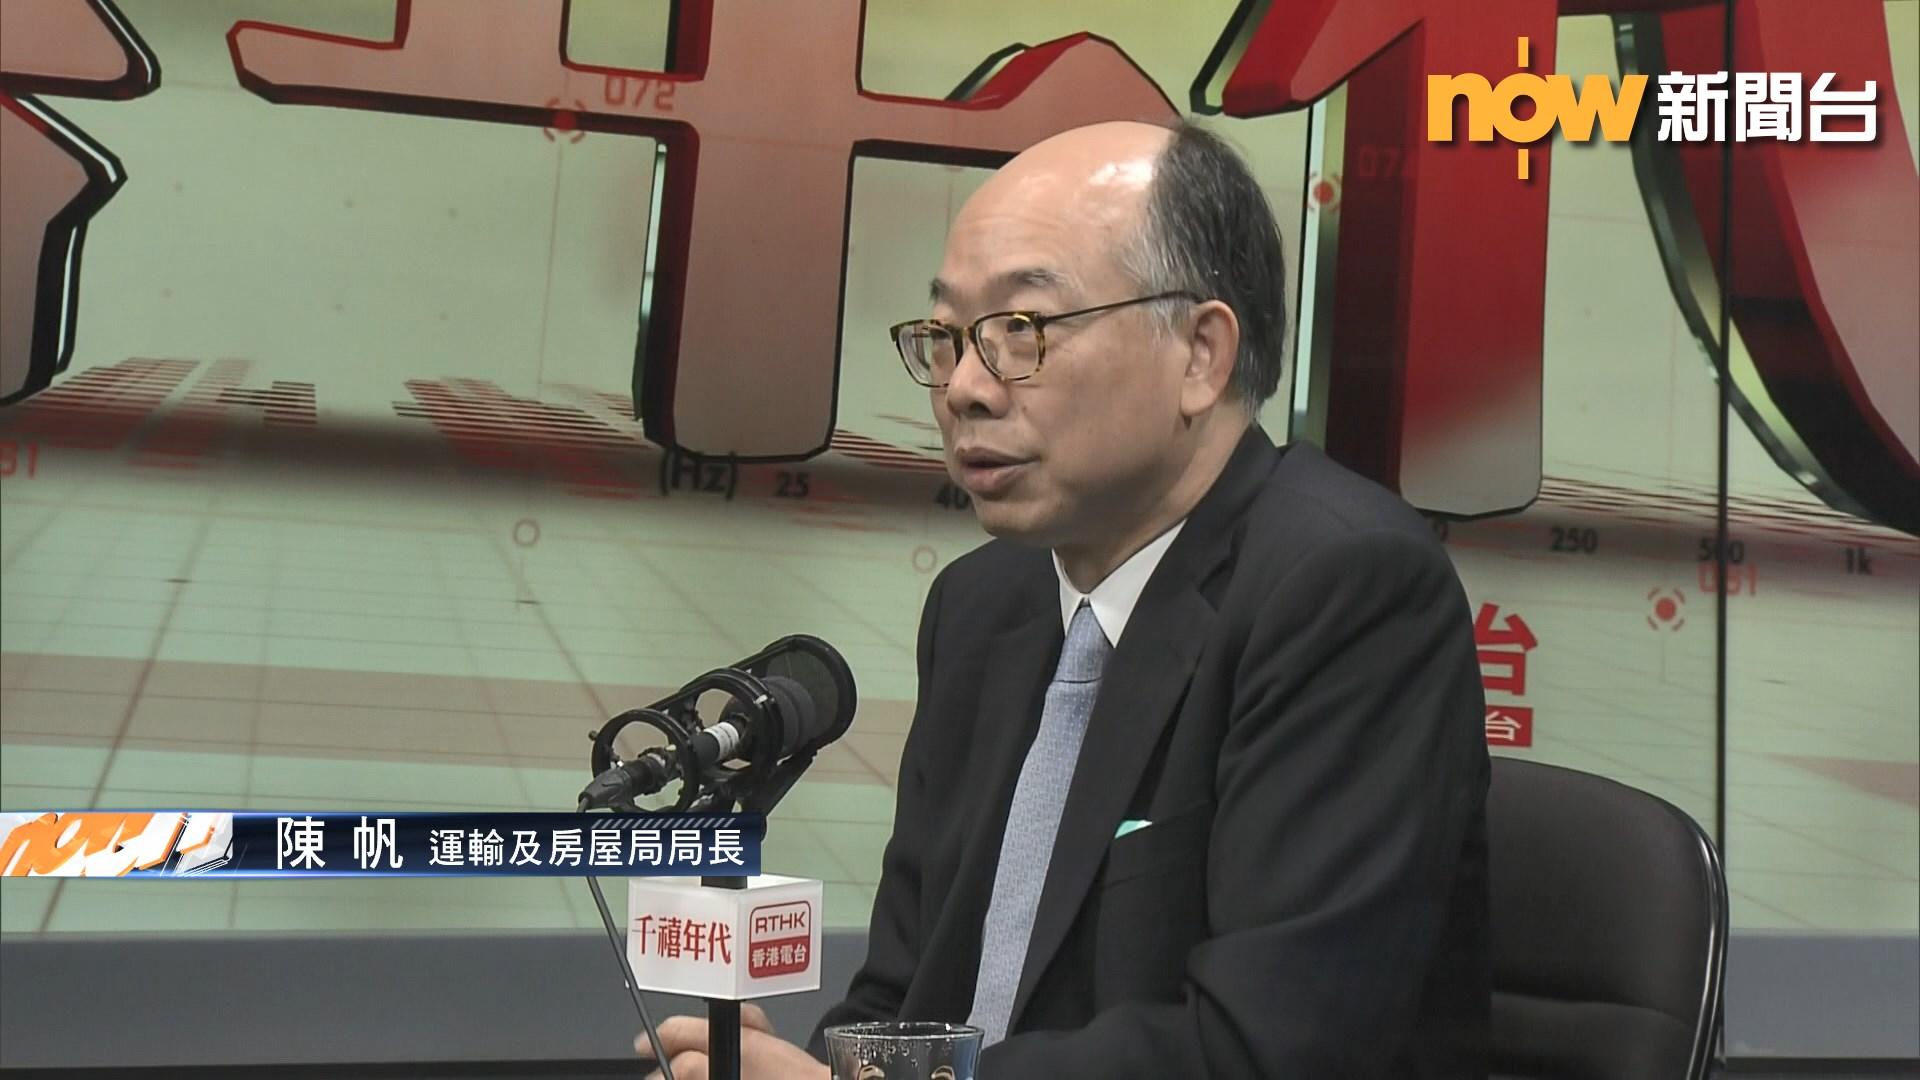 陳帆:初步構思會向非政府機構採購過渡房屋